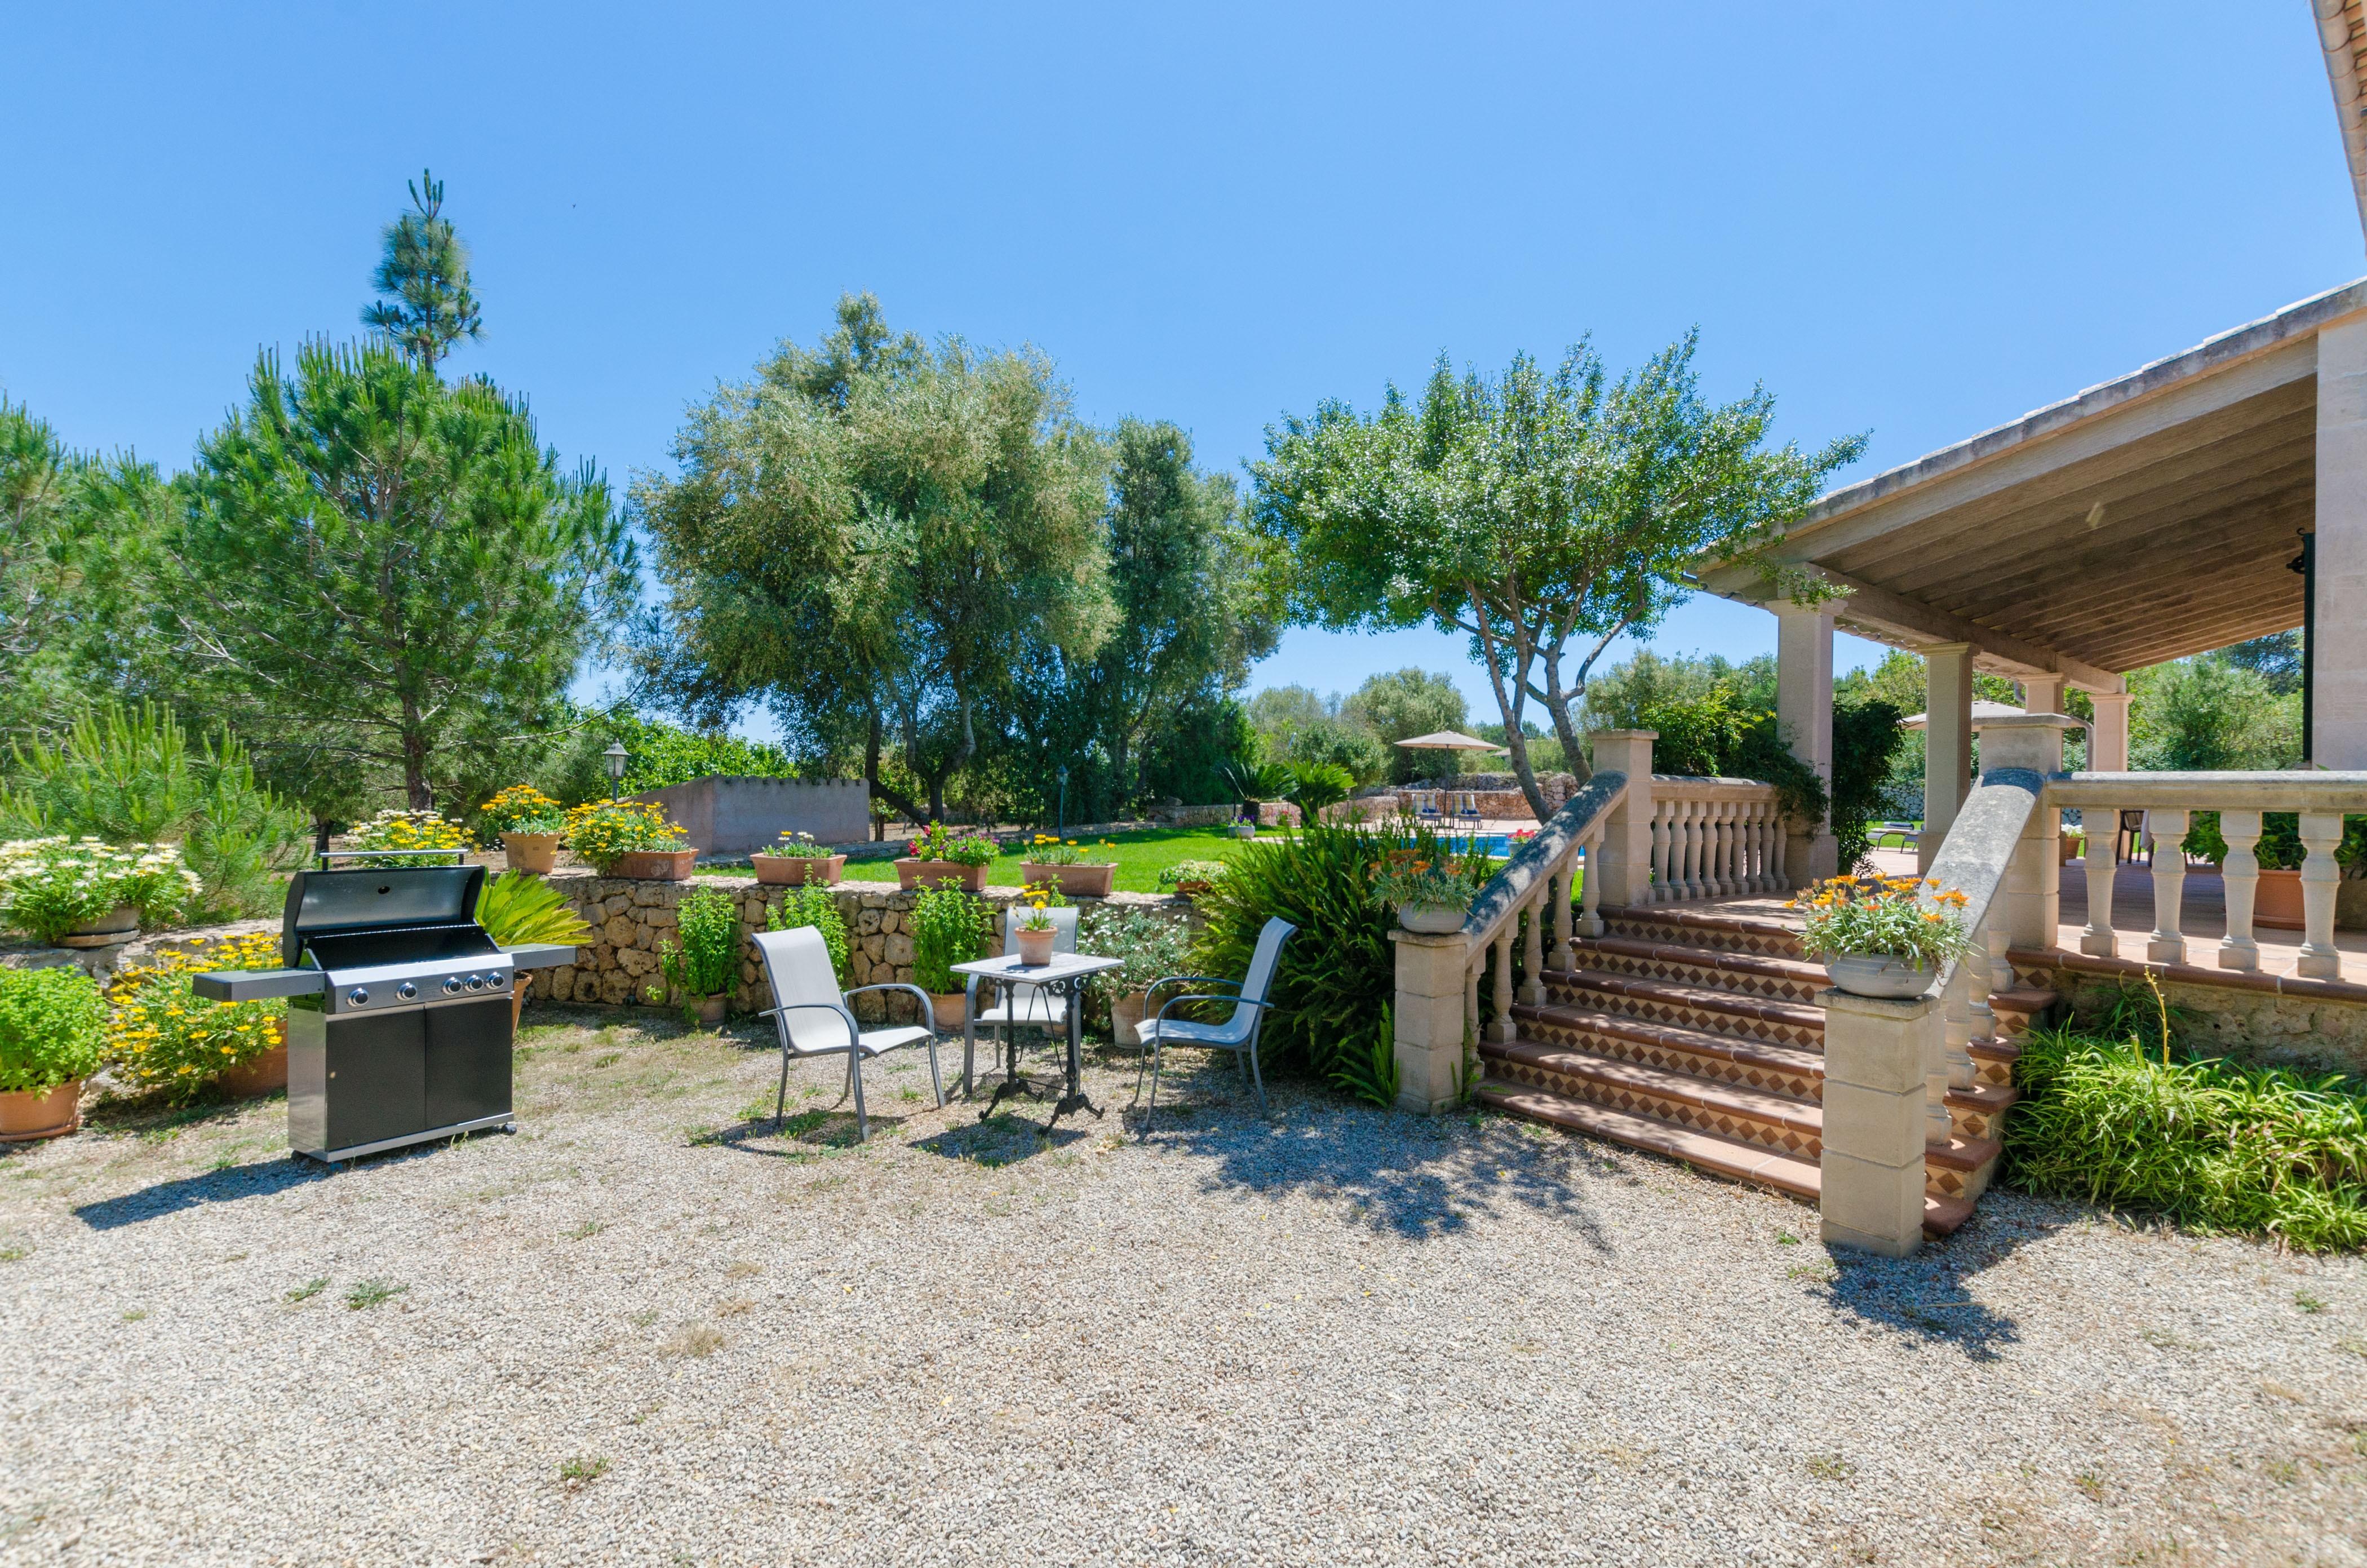 Maison de vacances ES VEDAT (2632993), Lloret de Vistalegre, Majorque, Iles Baléares, Espagne, image 36